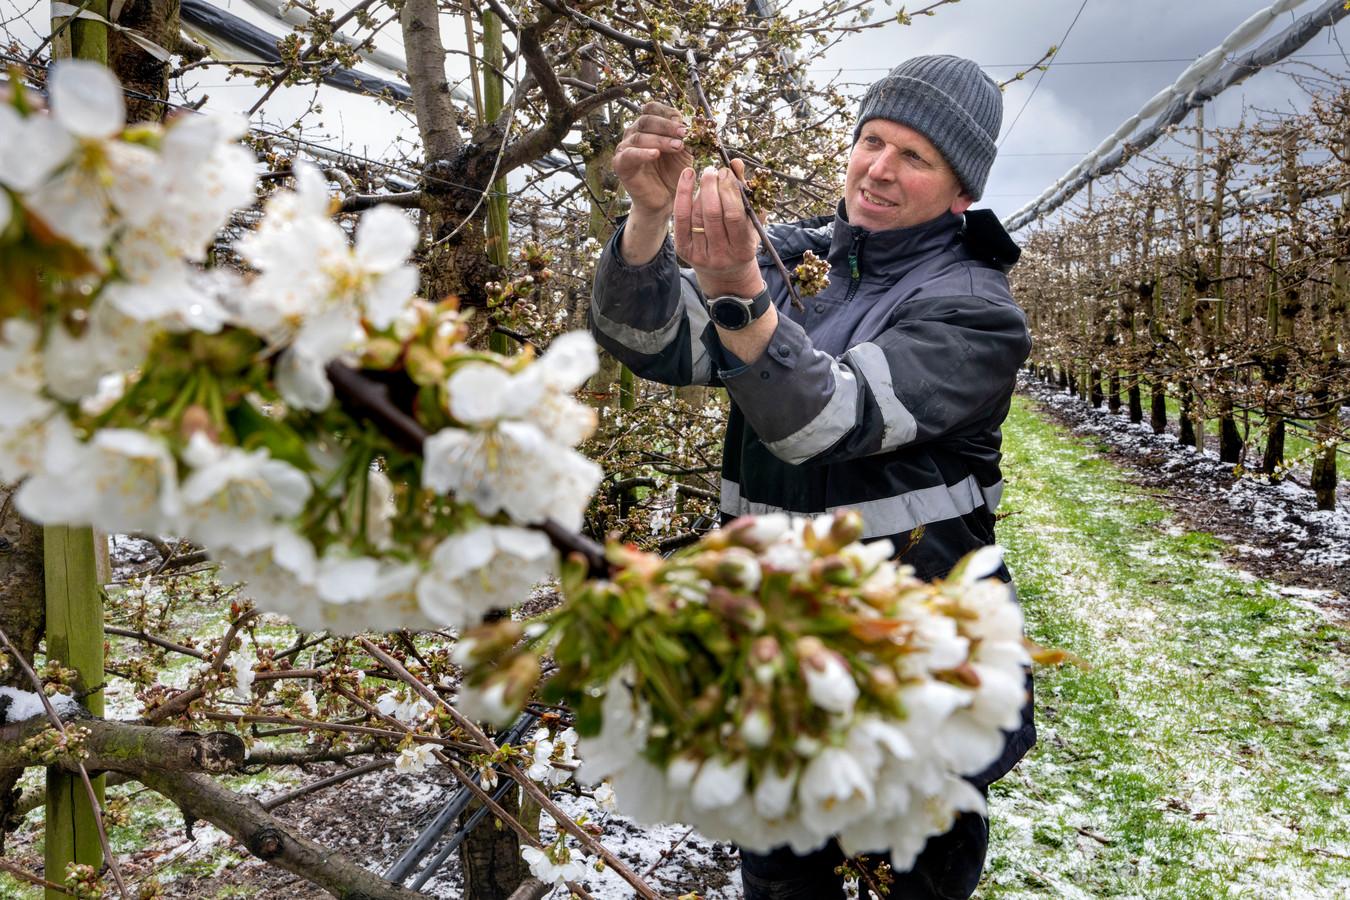 Robert Oostveen, broer van Peter Oostveen, onderzoekt de bloesem van de kersen in een van hun boomgaarden in Nieuwendijk.